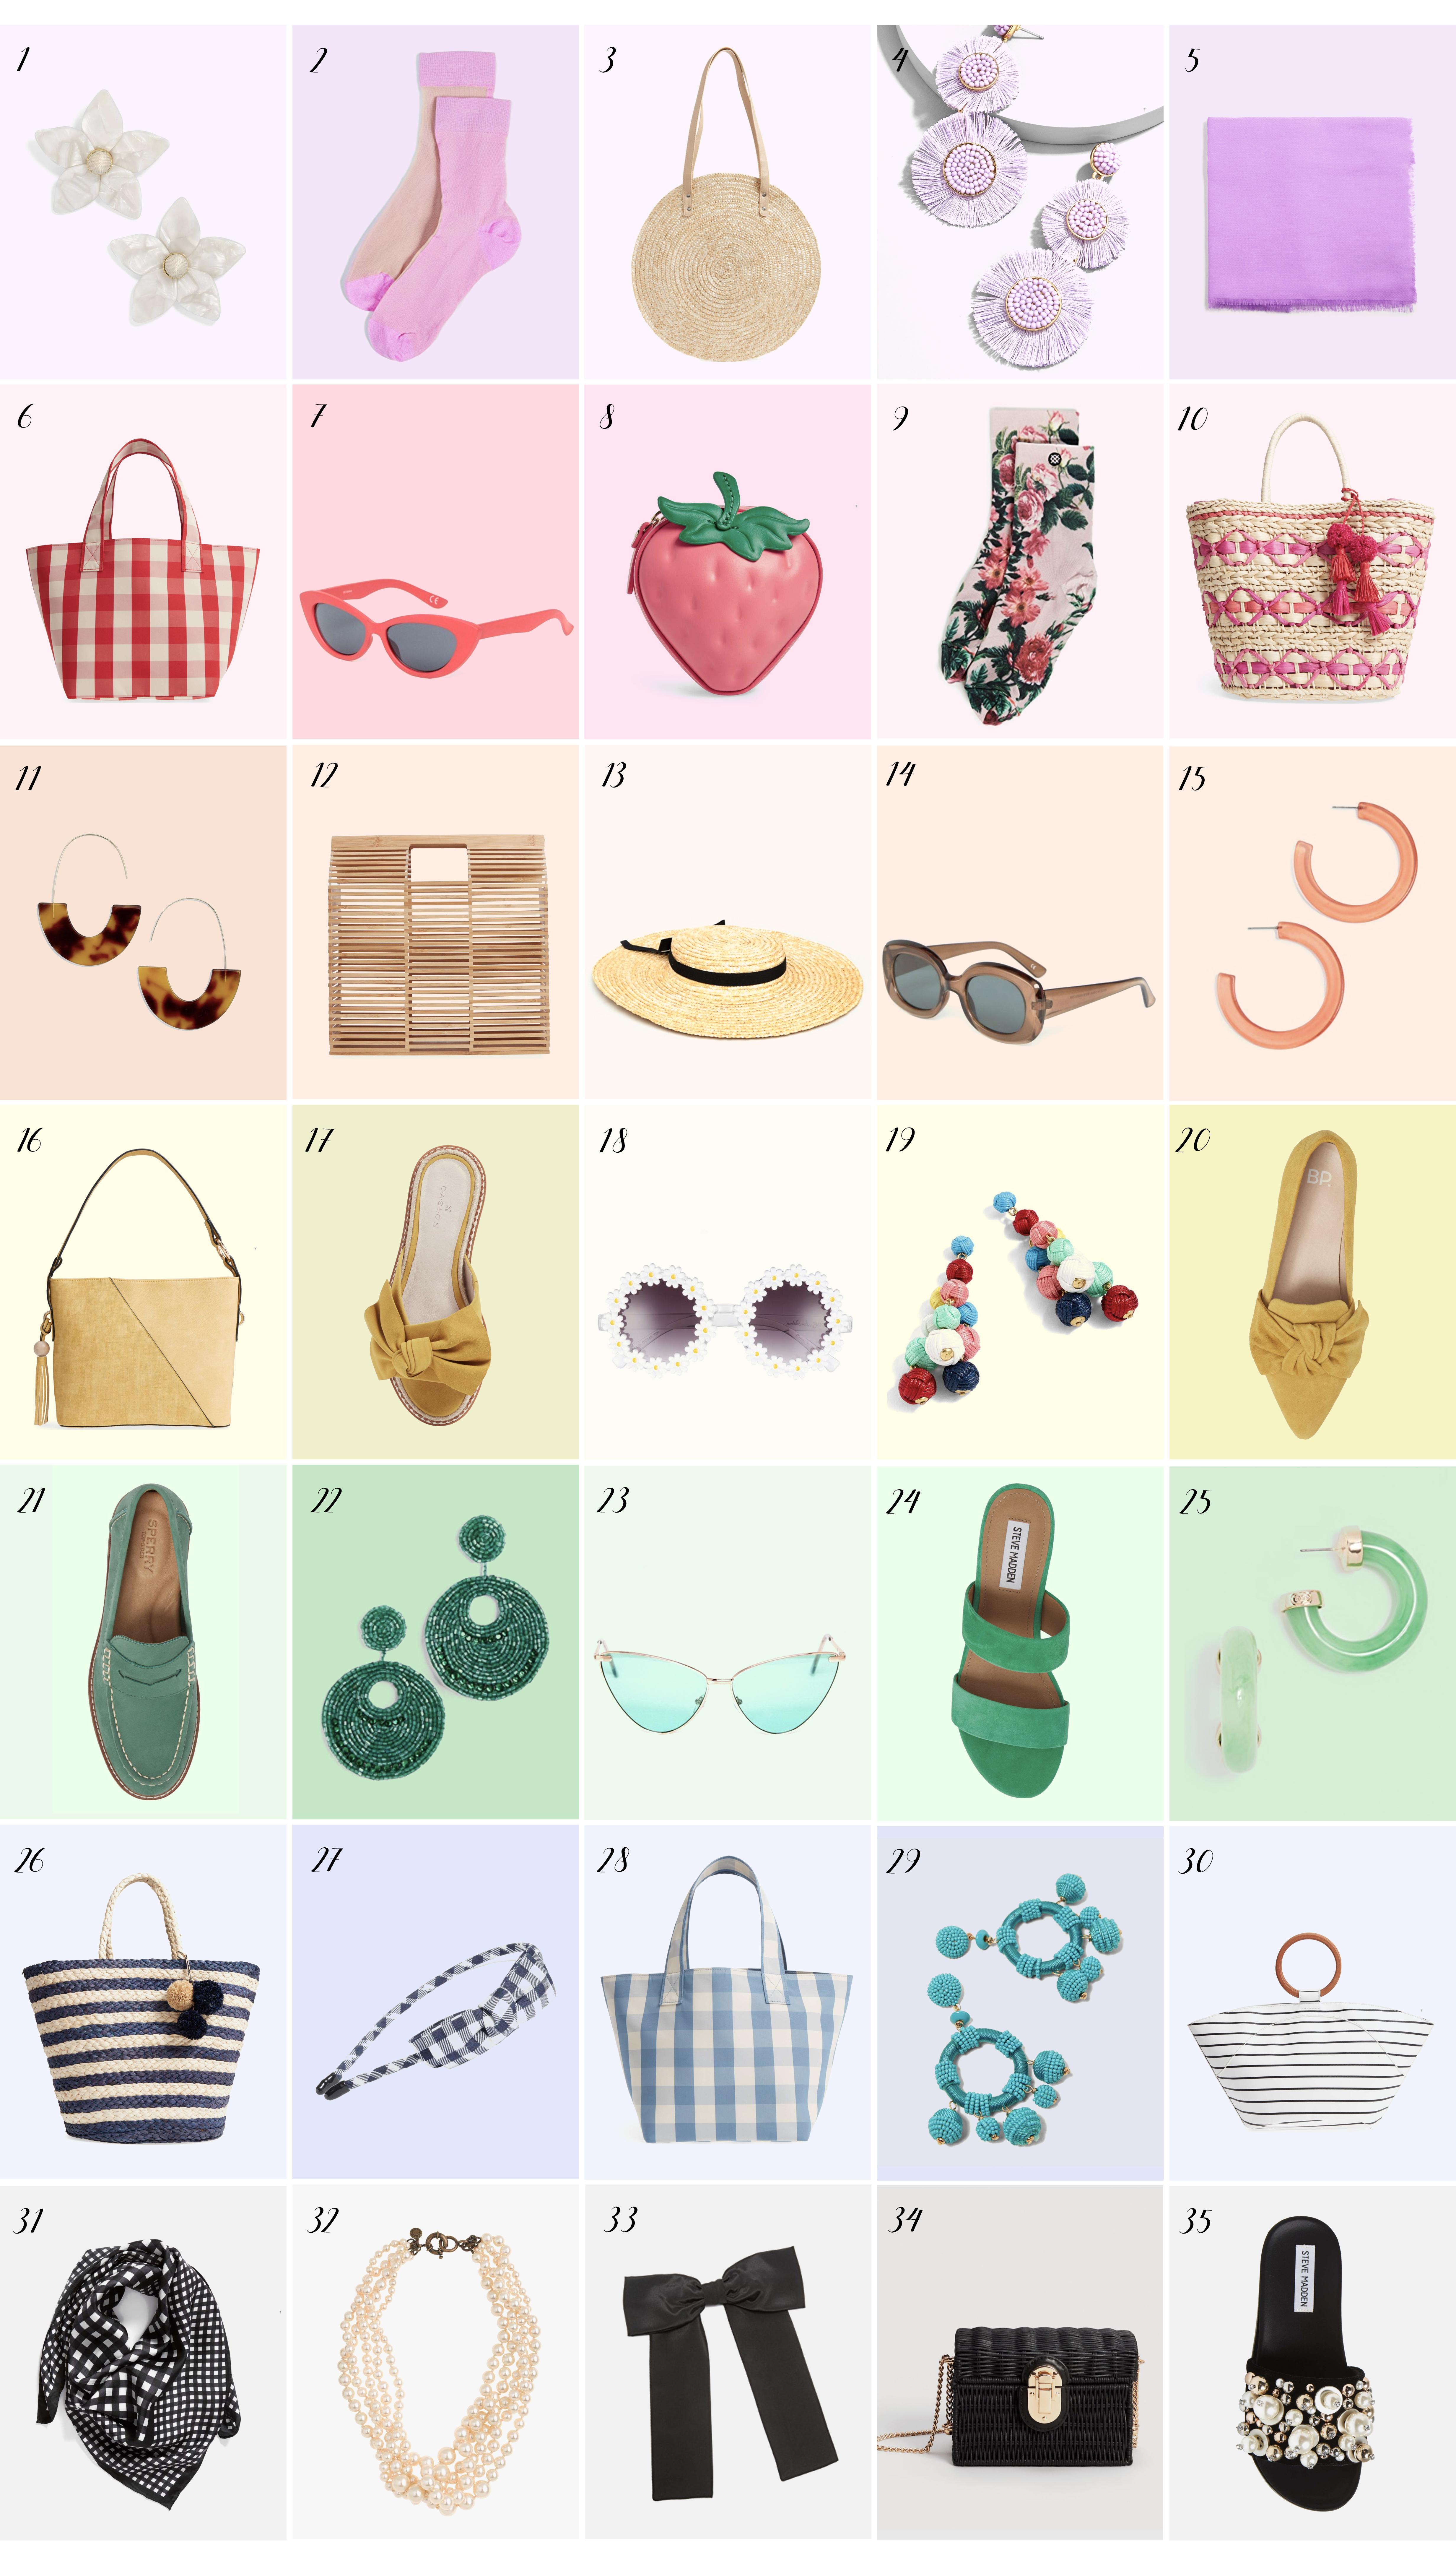 spring accessories under $100